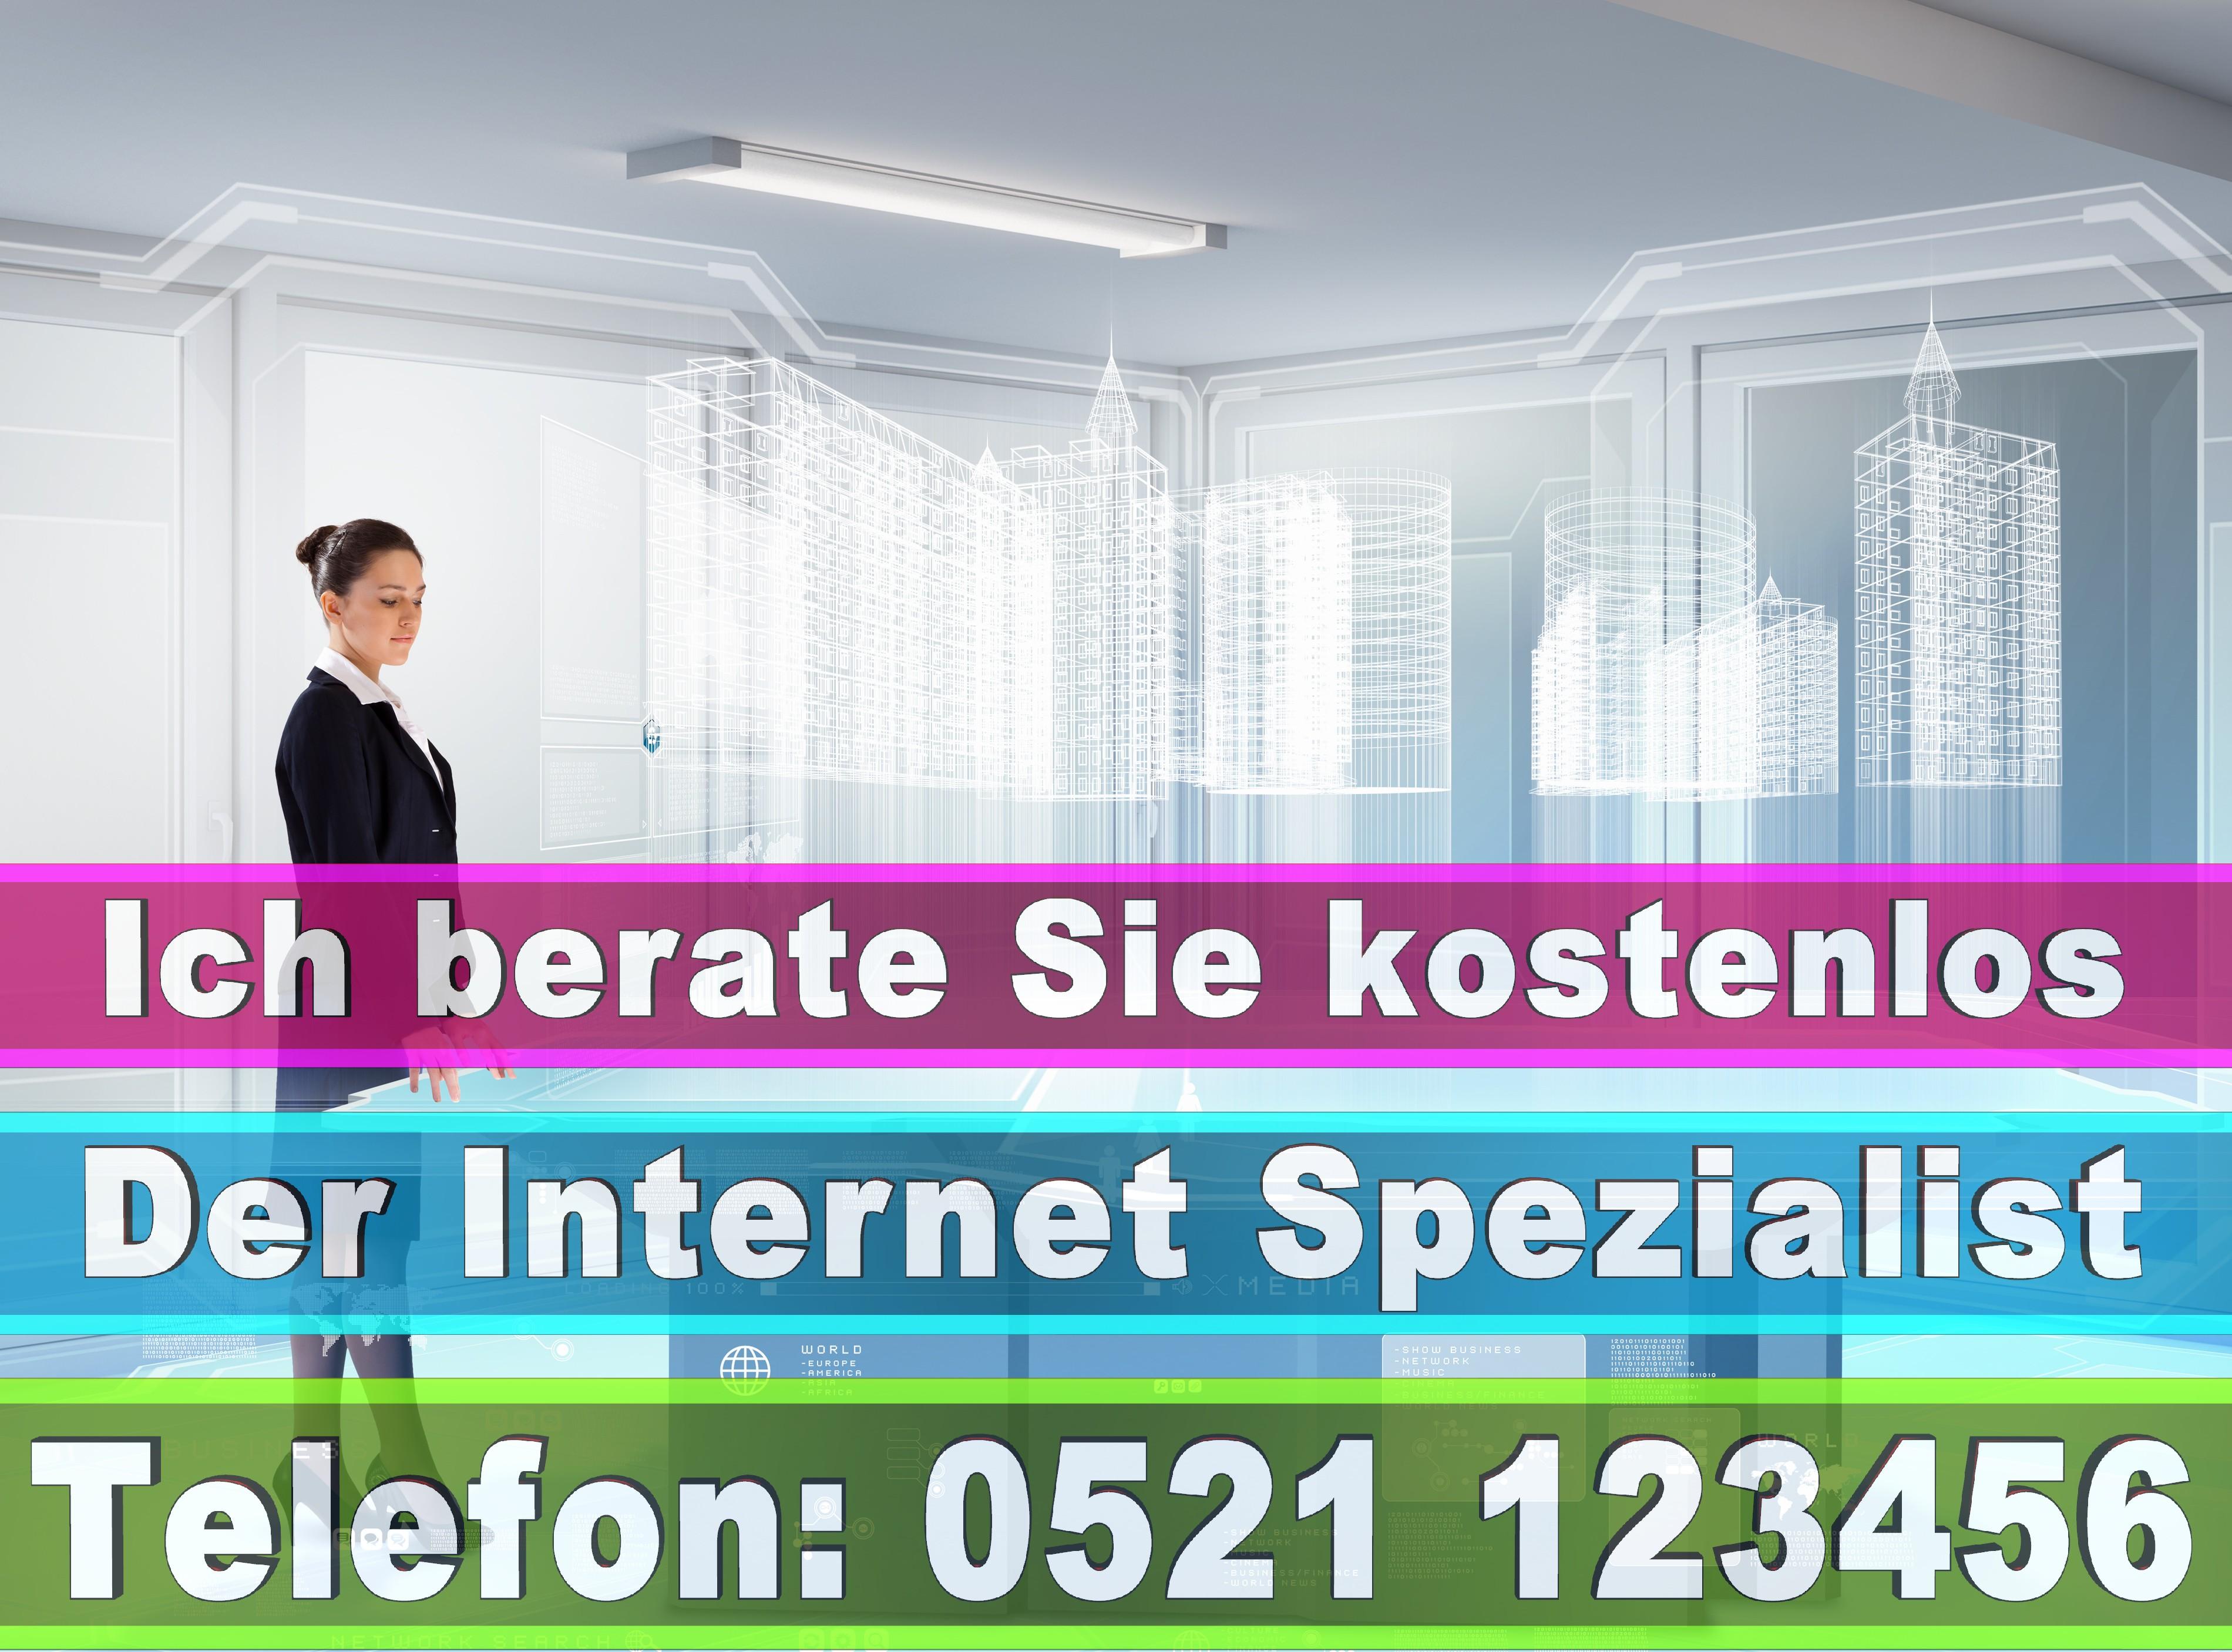 Rechtsanwalt Bielefeld Gütersloh Detmold Paderborn Münster Osnabrück Dortmund Essen Düsseldorf Köln Berlin Hamburg (13)